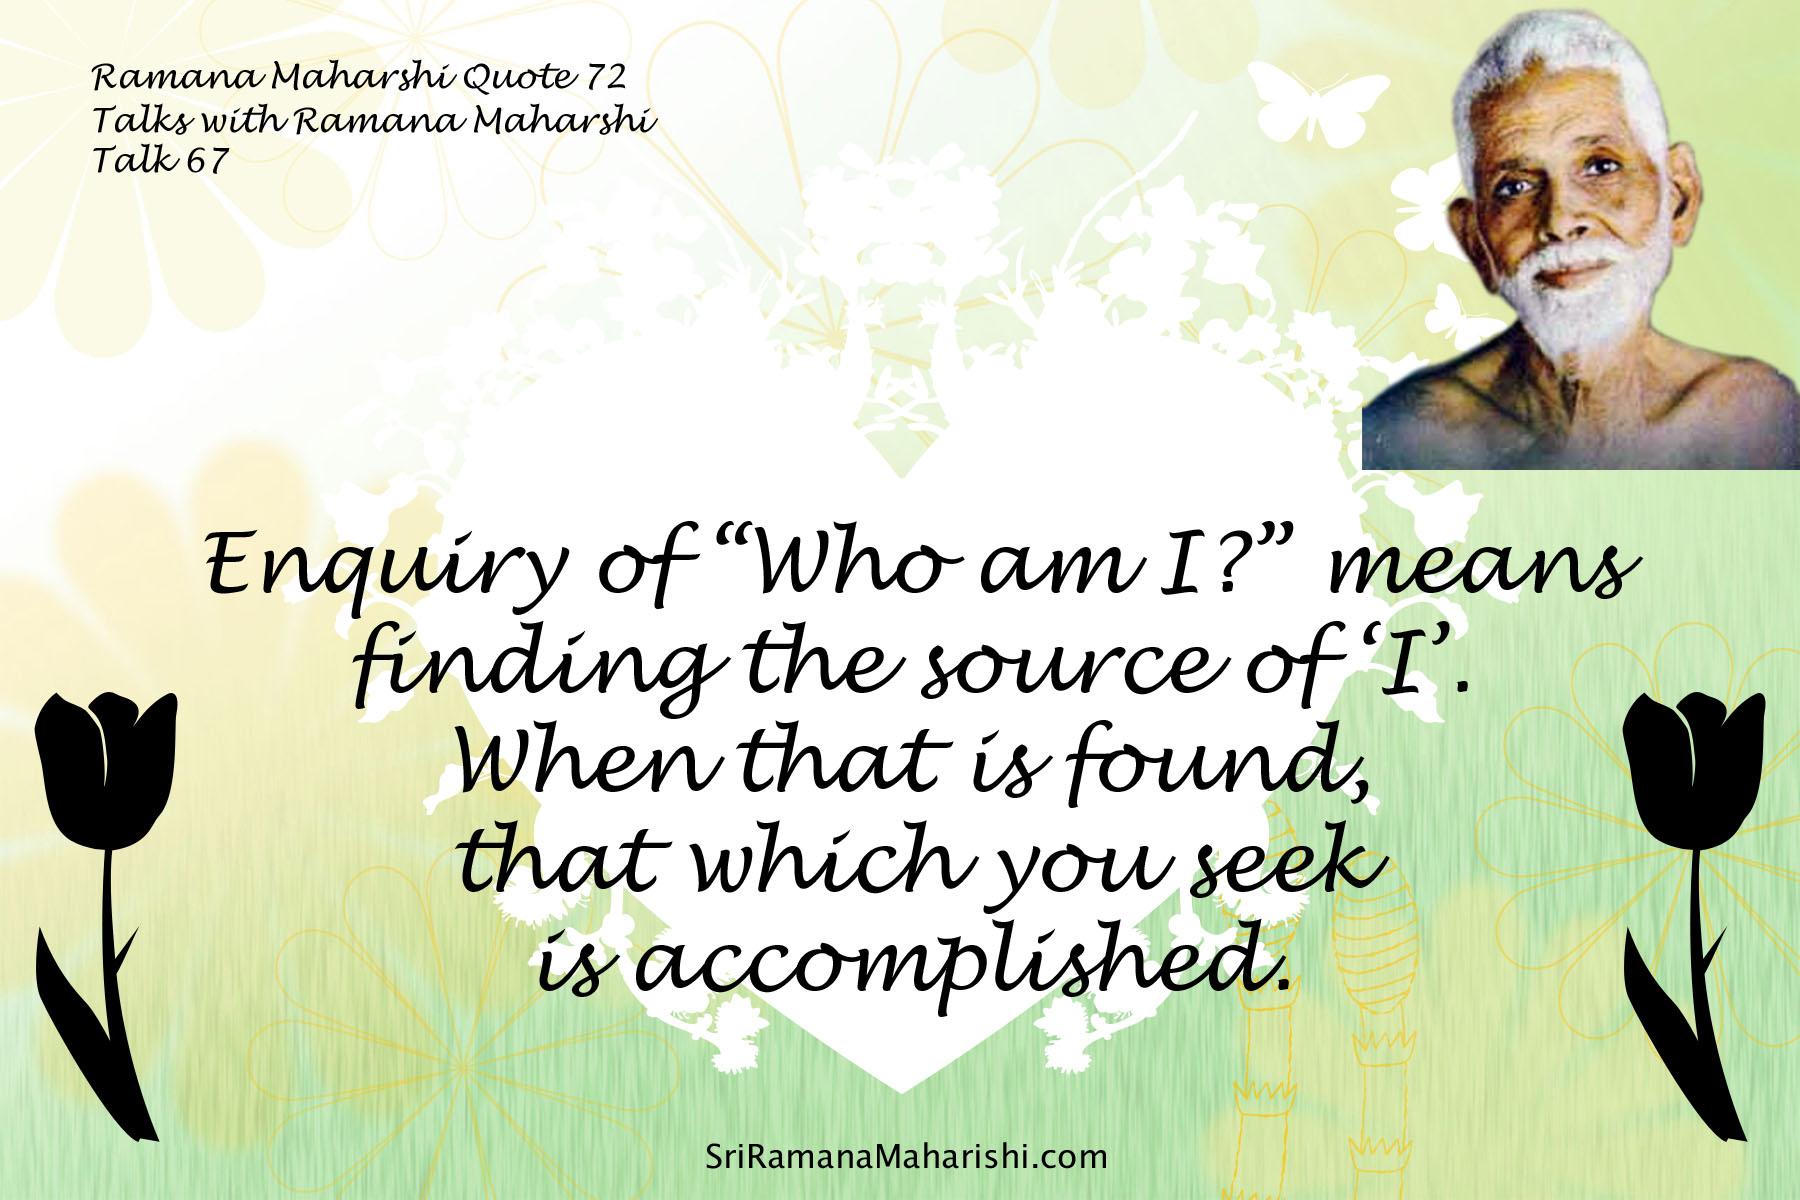 Ramana Maharshi Quote 72